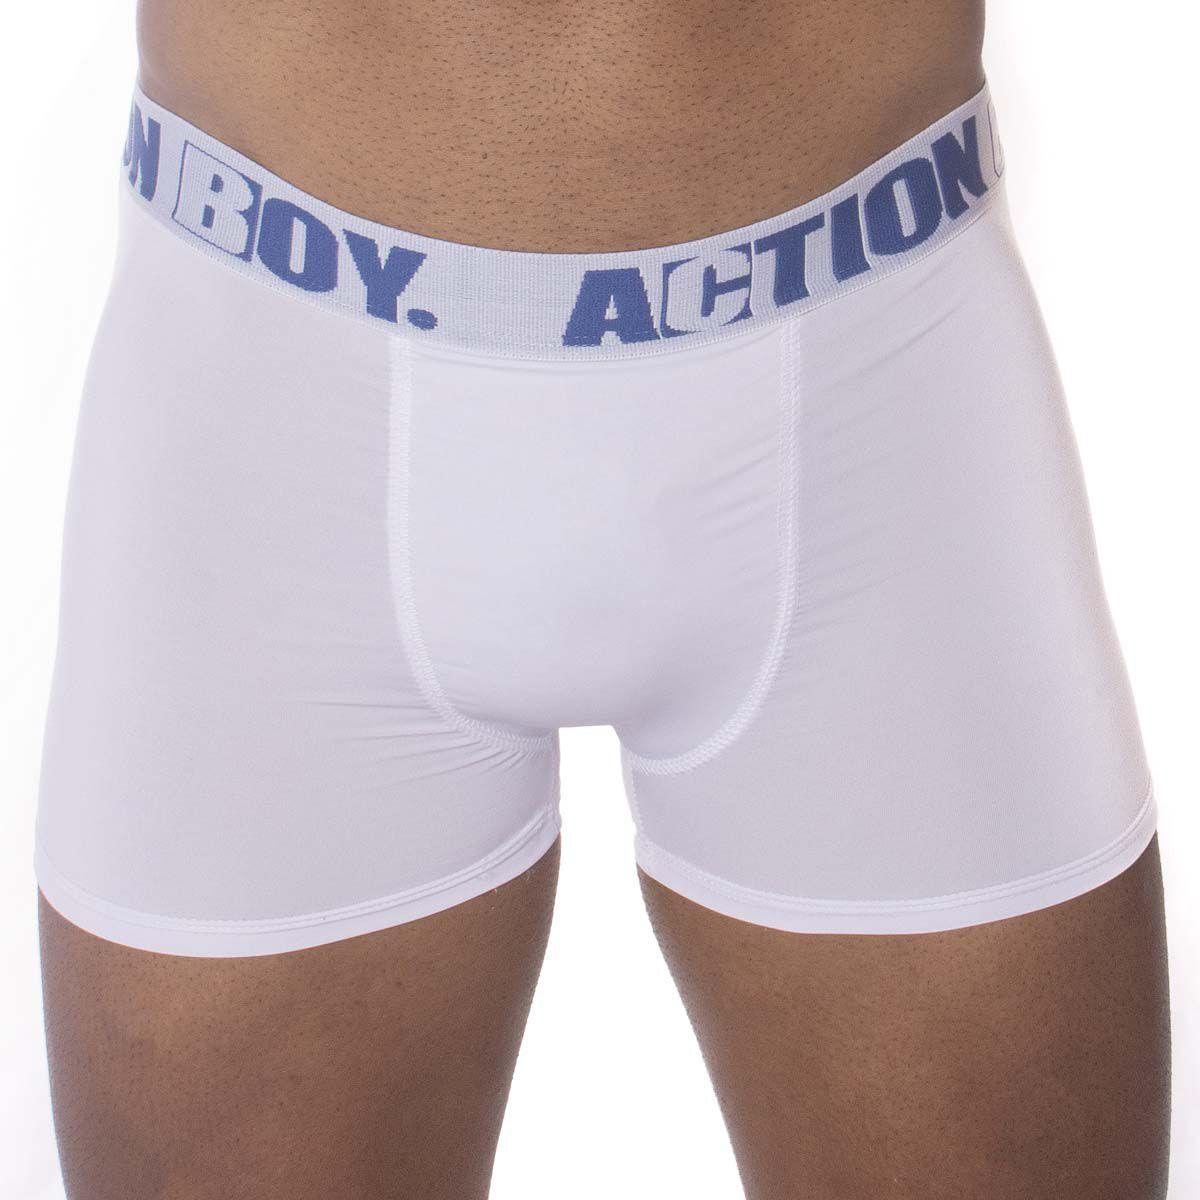 Kit com 3 Cueca Masculina Boxer Algodão Marca Action Boy